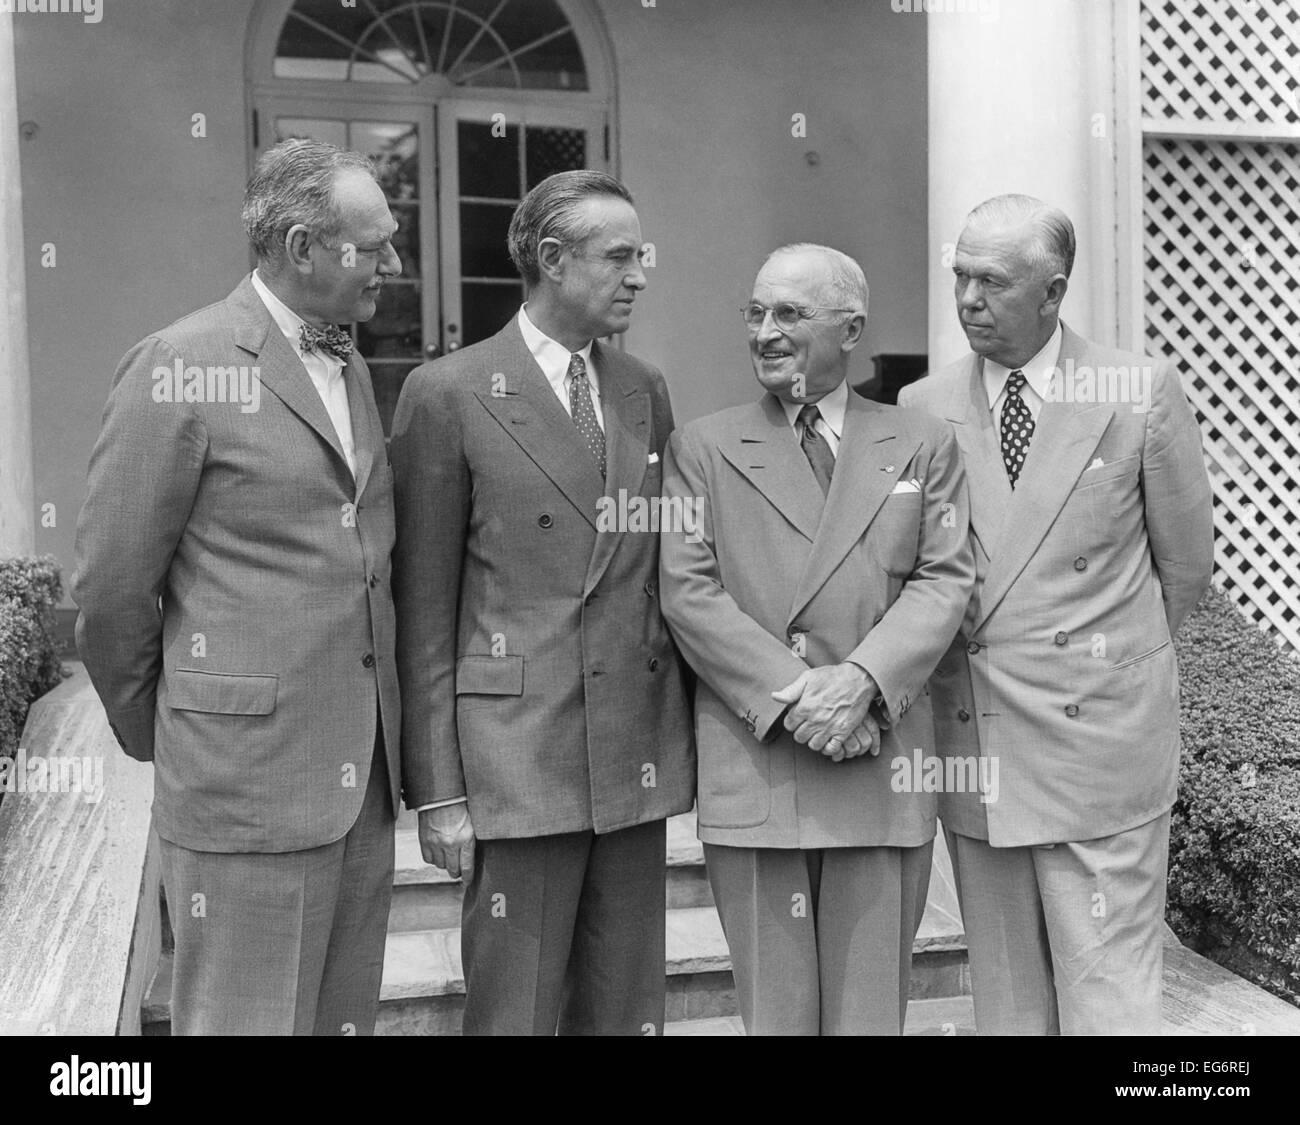 El presidente Harry Truman con los hombres que guiaron la política estadounidense durante los primeros años Imagen De Stock